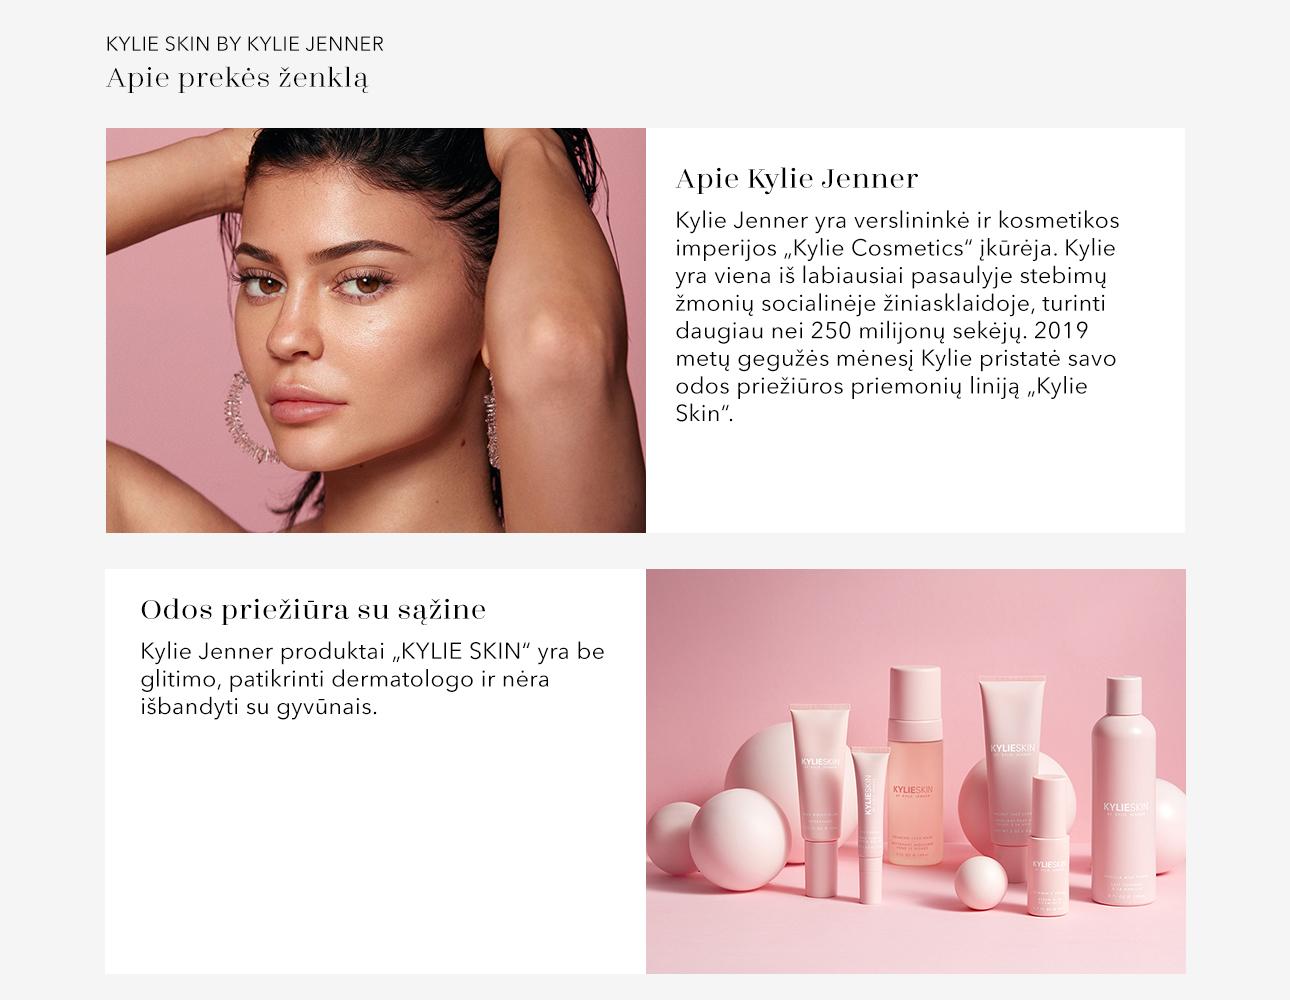 """Apie Kylie Jenner Kylie Jenner yra verslininkė ir kosmetikos imperijos """"Kylie Cosmetics"""" įkūrėja. Kylie yra viena iš labiausiai pasaulyje stebimų žmonių socialinėje žiniasklaidoje, turinti daugiau nei 250 milijonų sekėjų. 2019 metų gegužės mėnesį Kylie pristatė savo odos priežiūros priemonių liniją """"Kylie Skin"""". Kylie Jenner produktai """"KYLIE SKIN"""" yra be glitimo, patikrinti dermatologo ir nėra išbandyti su gyvūnais."""